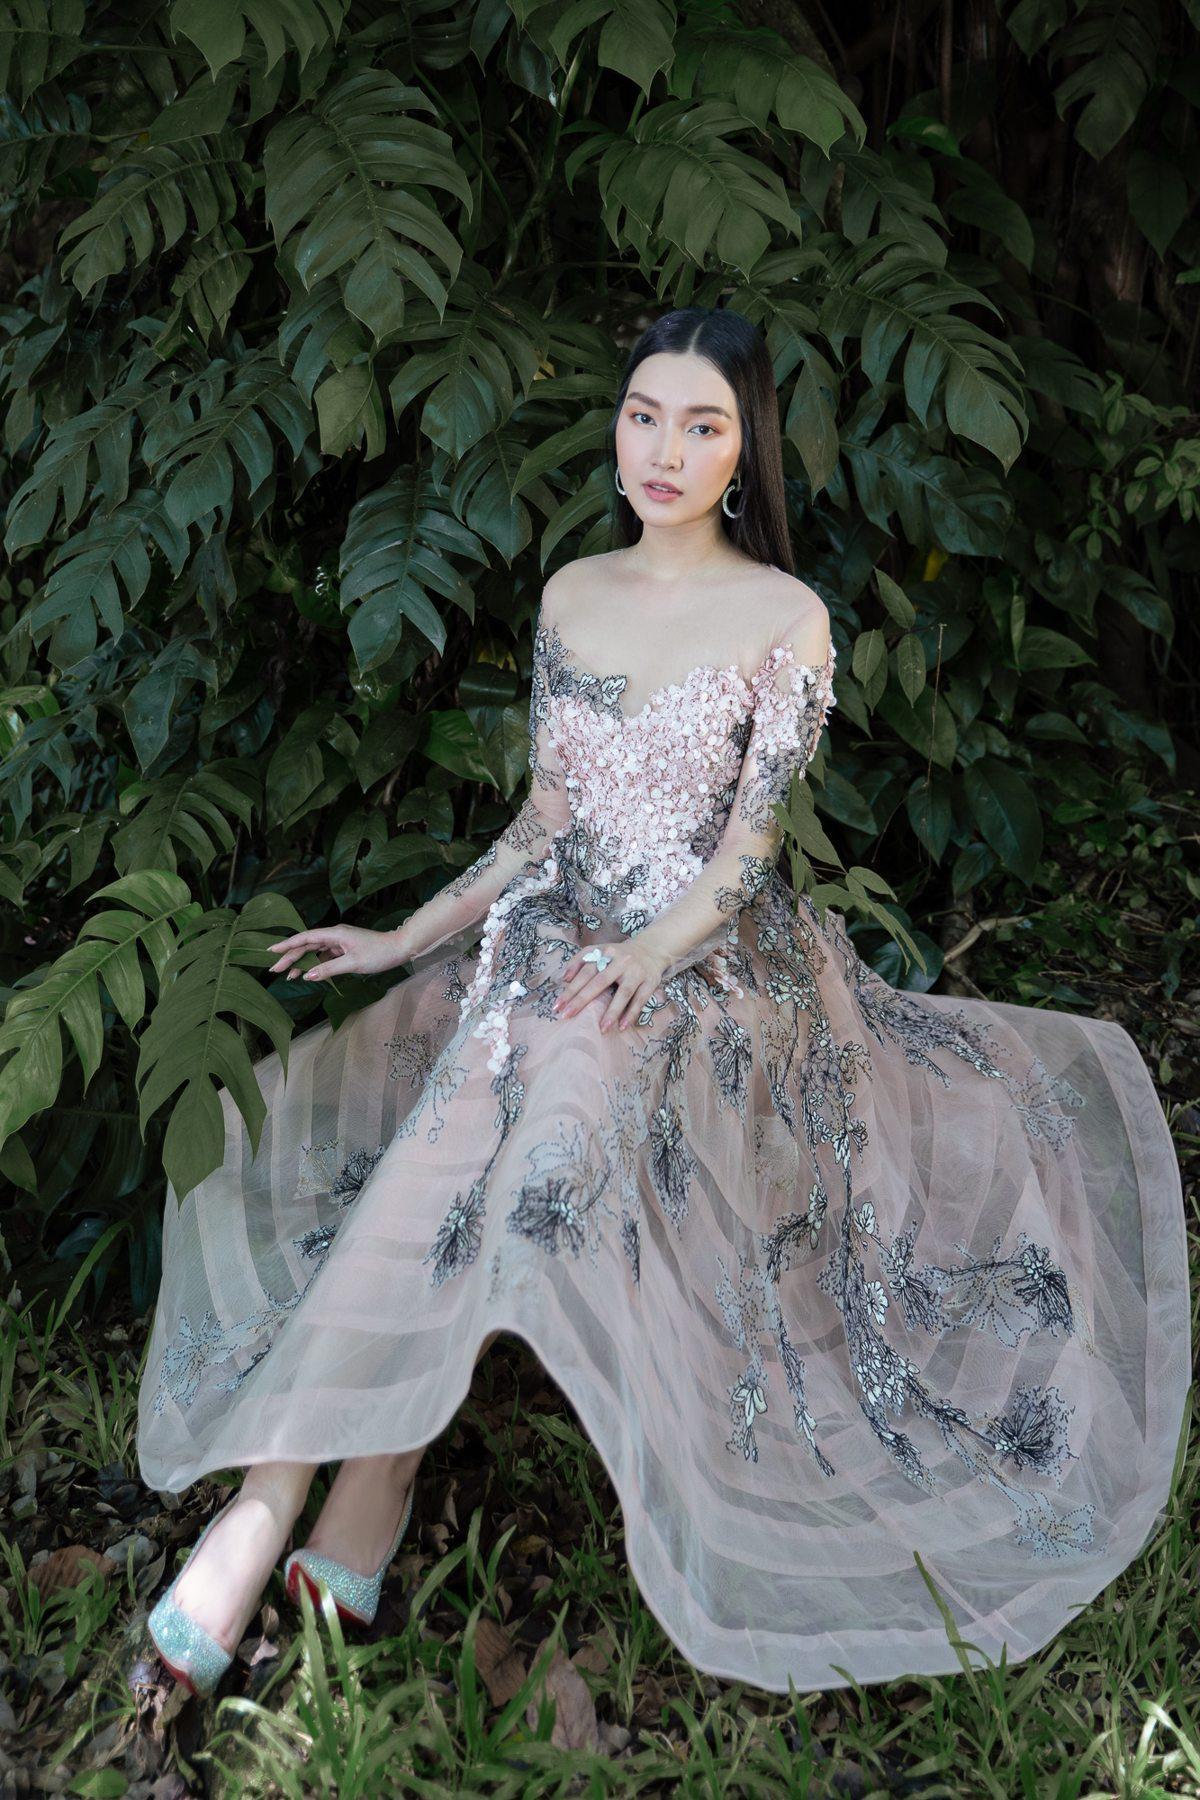 'Nàng thơ xứ Huế' Ngọc Trân cuốn hút với nét mơ màng trong loạt váy áo e ấp Ảnh 4